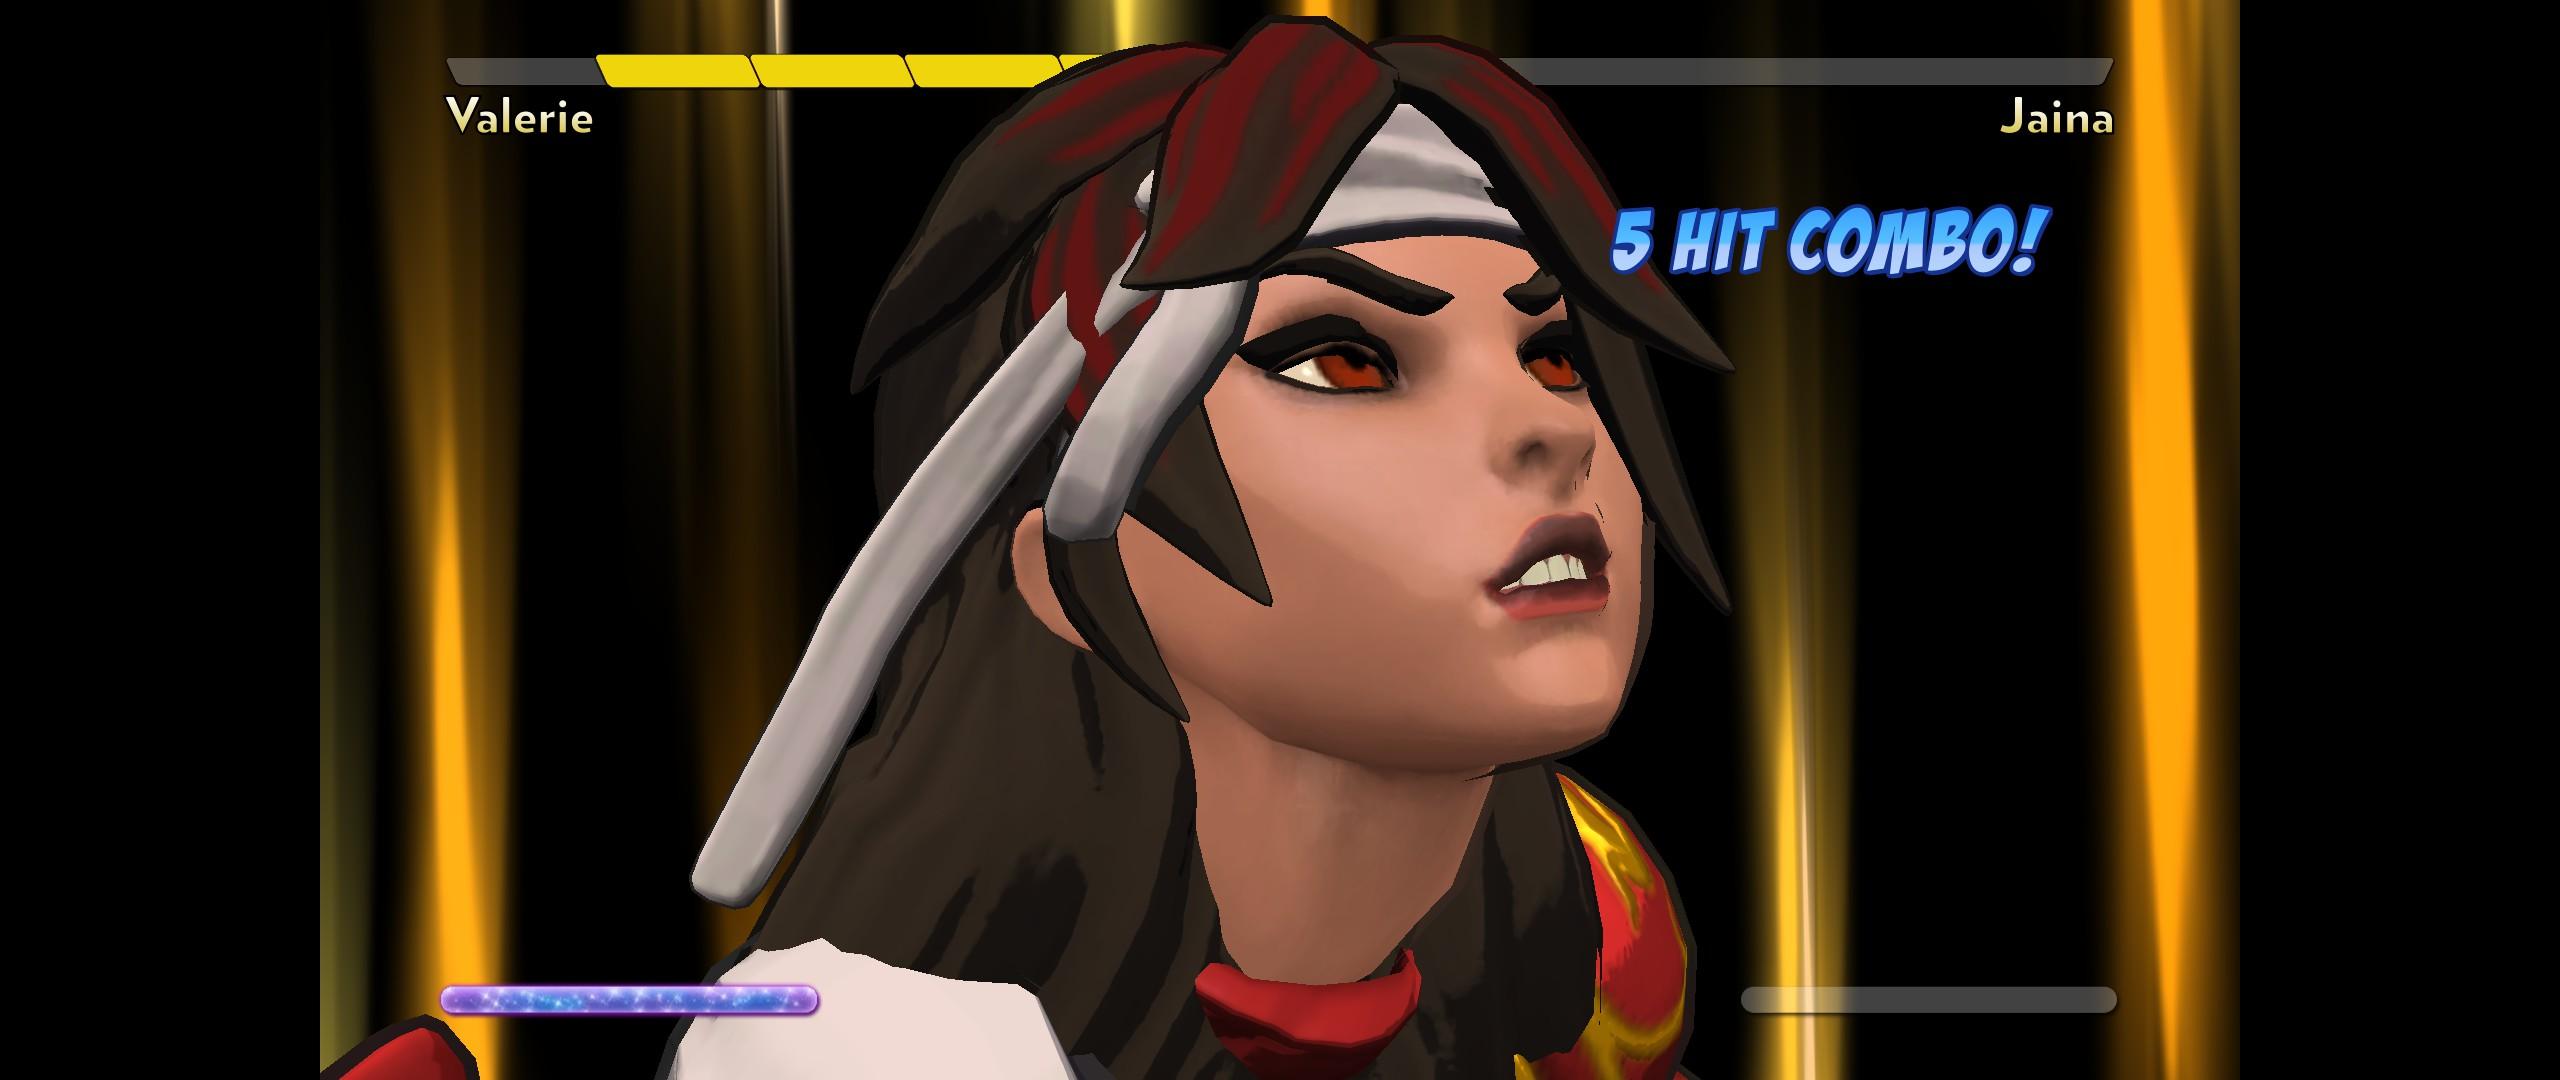 Valerie gets a 5 hit combo in Fantasy Strike